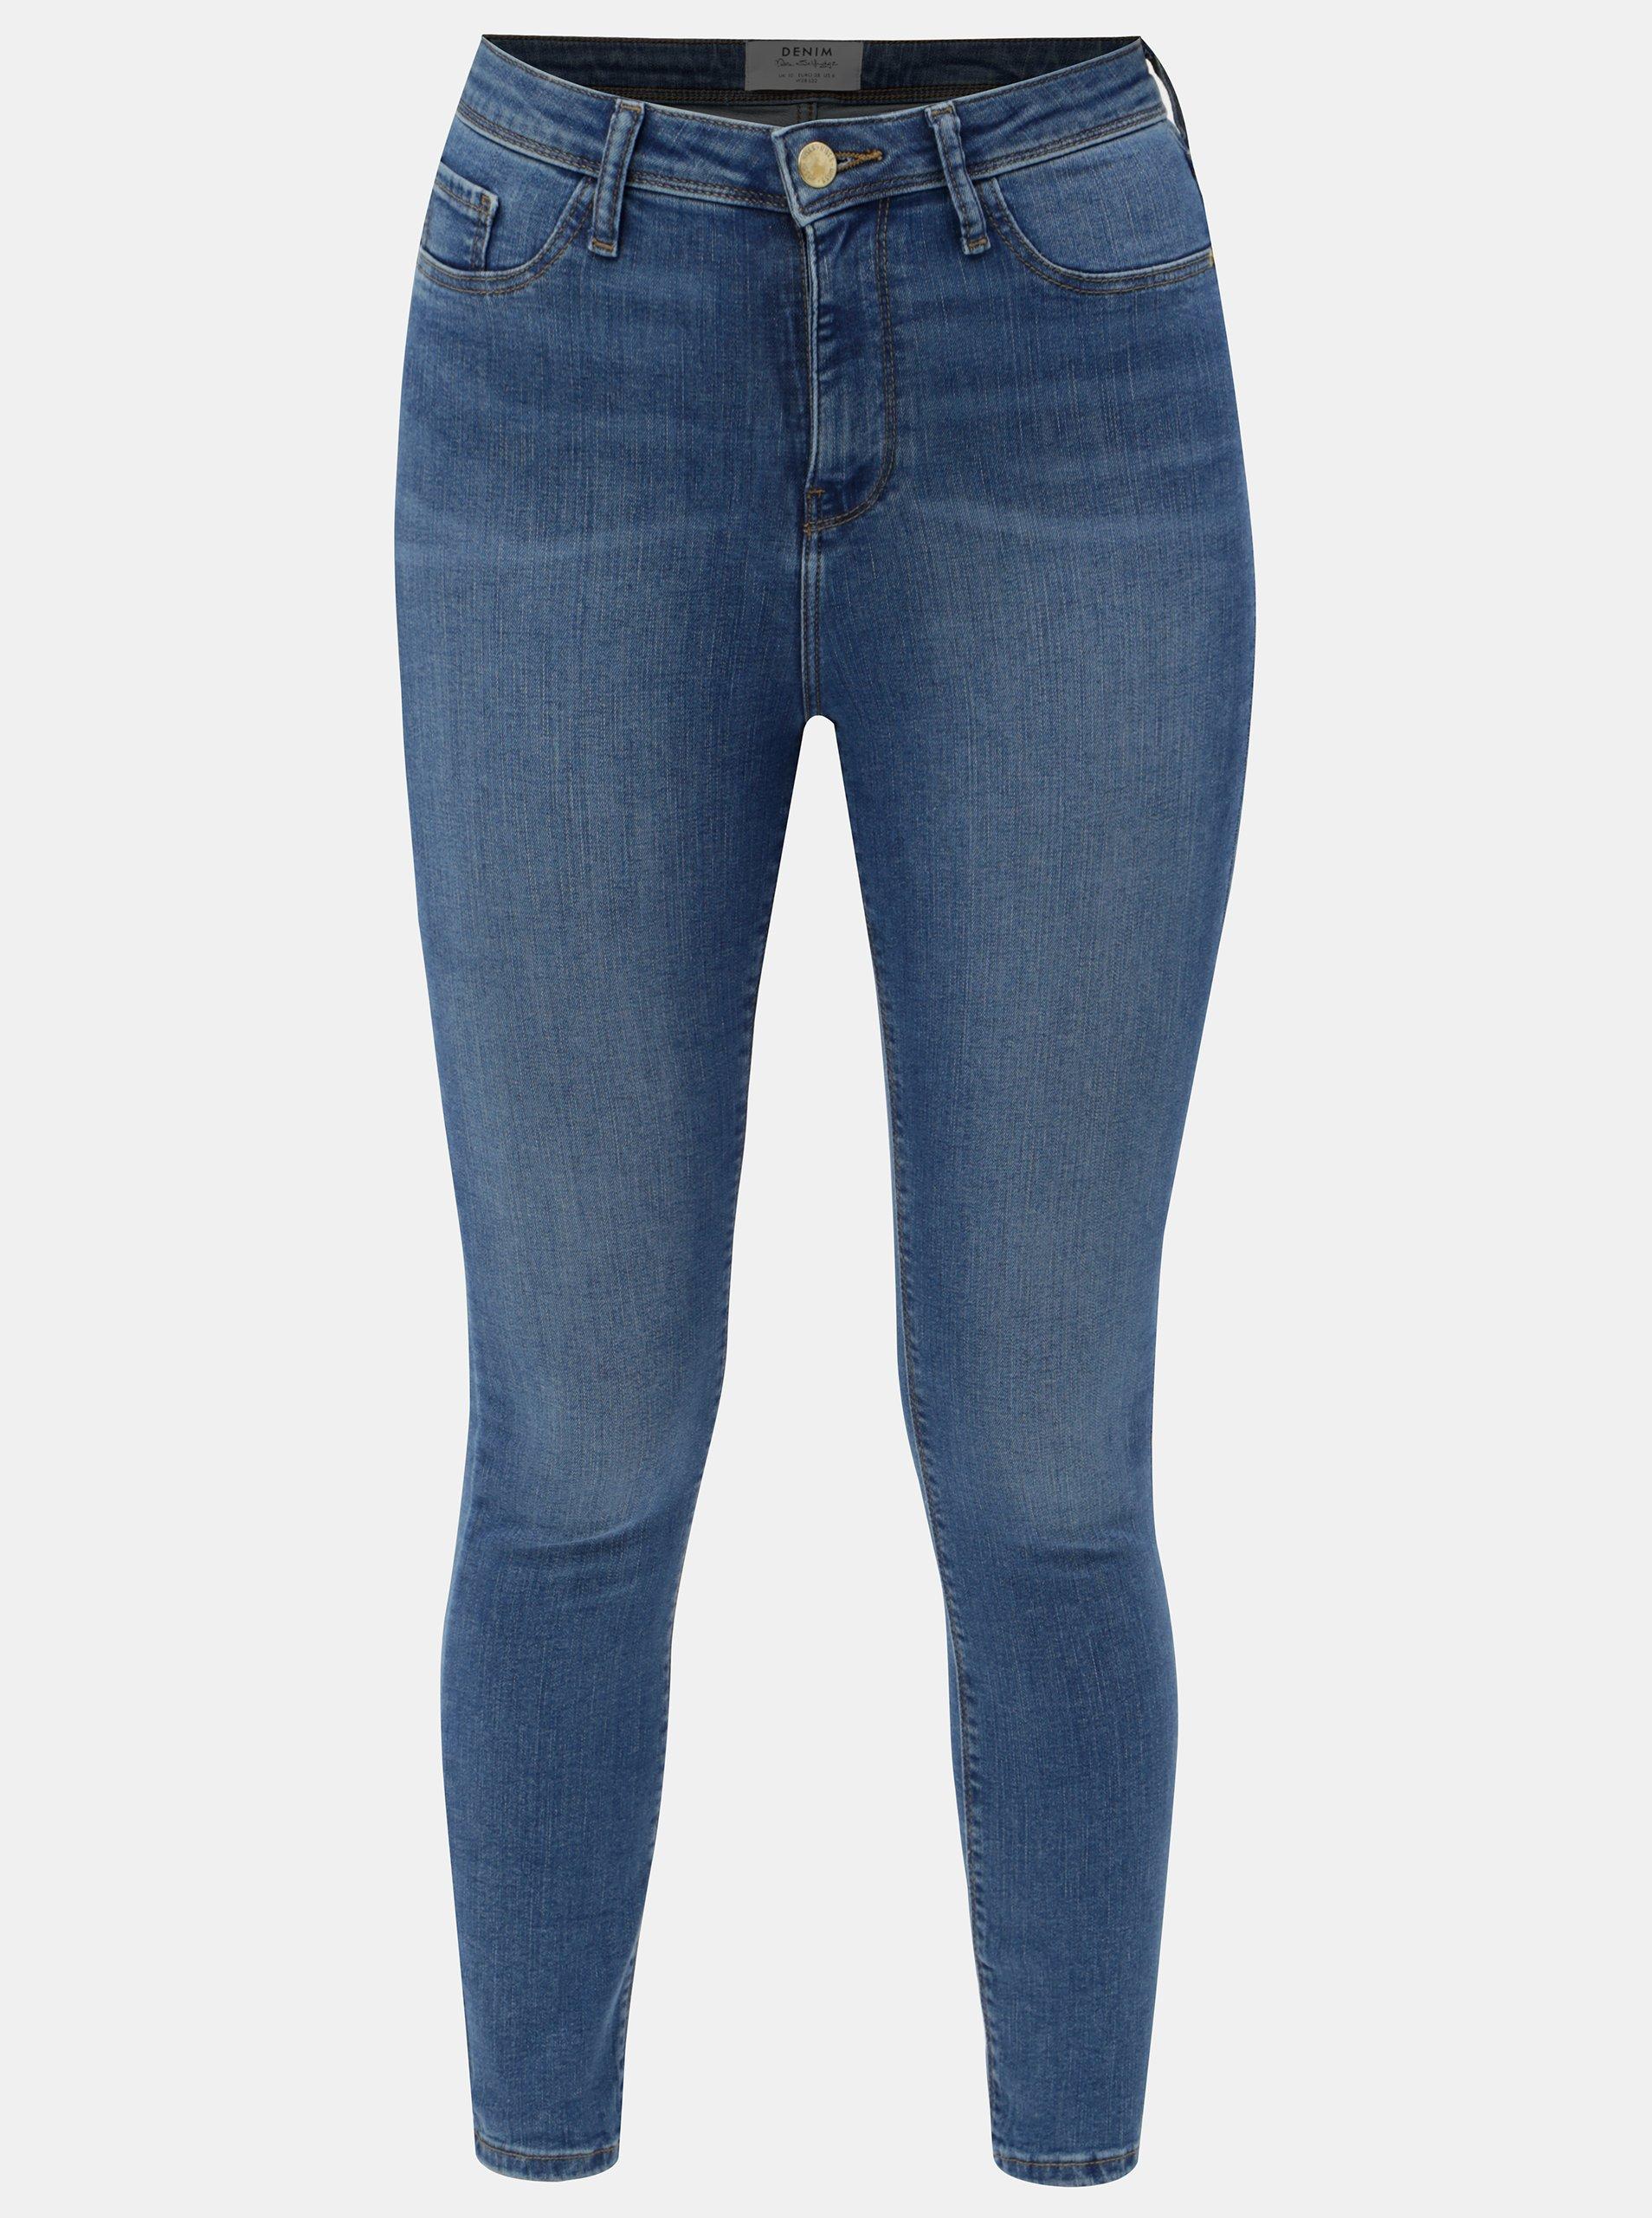 Modré skinny džíny s vysokým pasem Miss Selfridge ffcfc1b76d